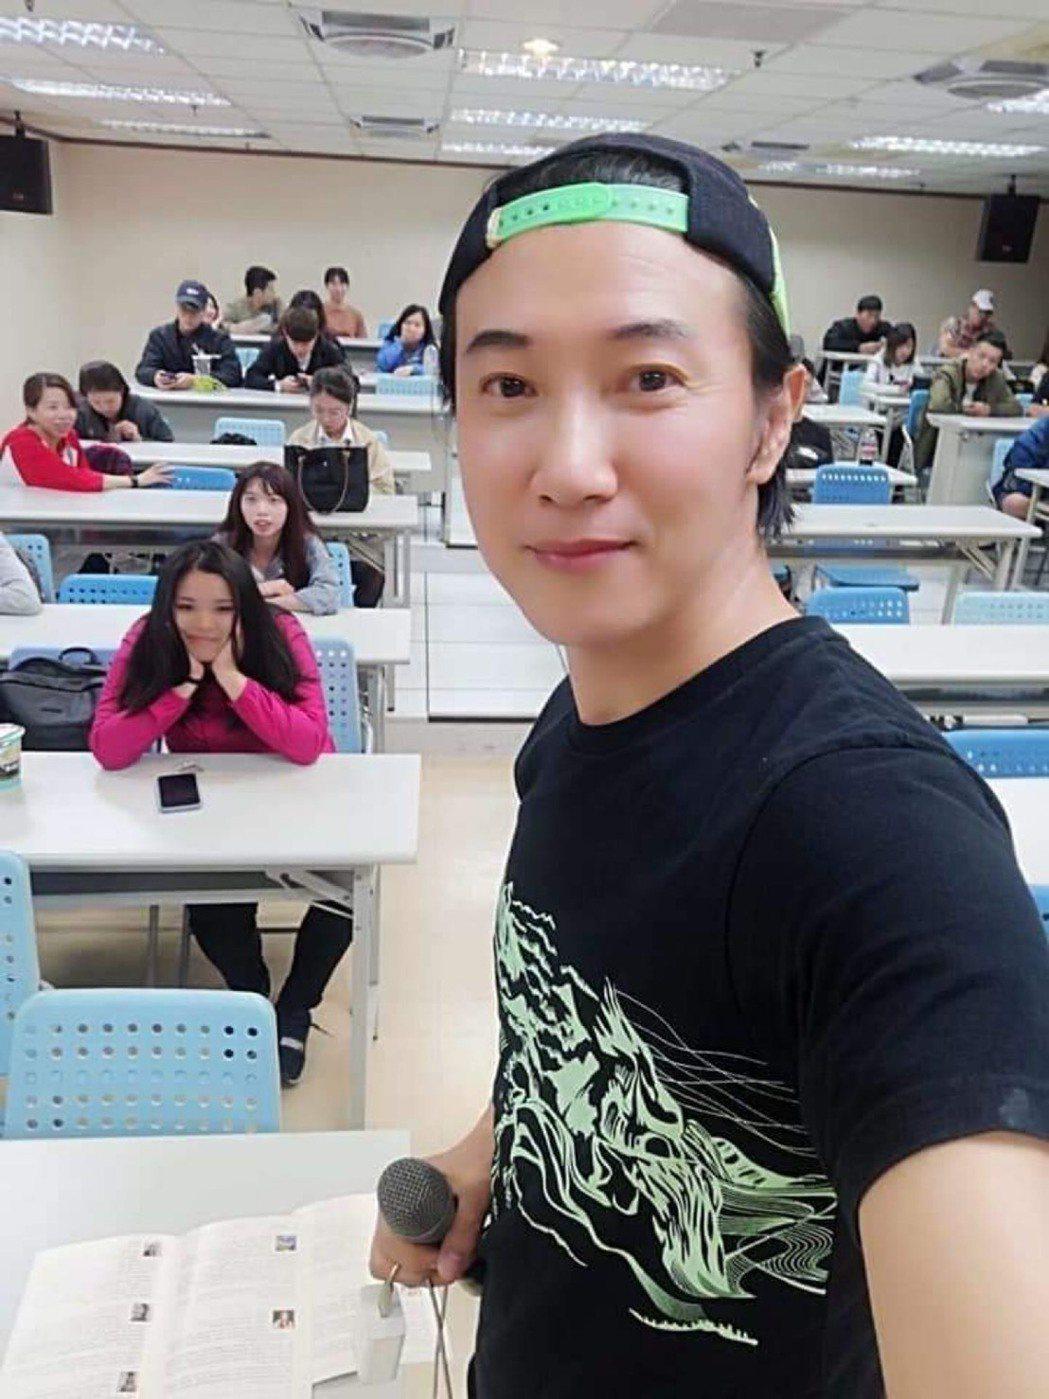 陳鴻上課時面對37個學生,開學在即,他認為不該再像過去一樣群聚。圖/陳鴻提供